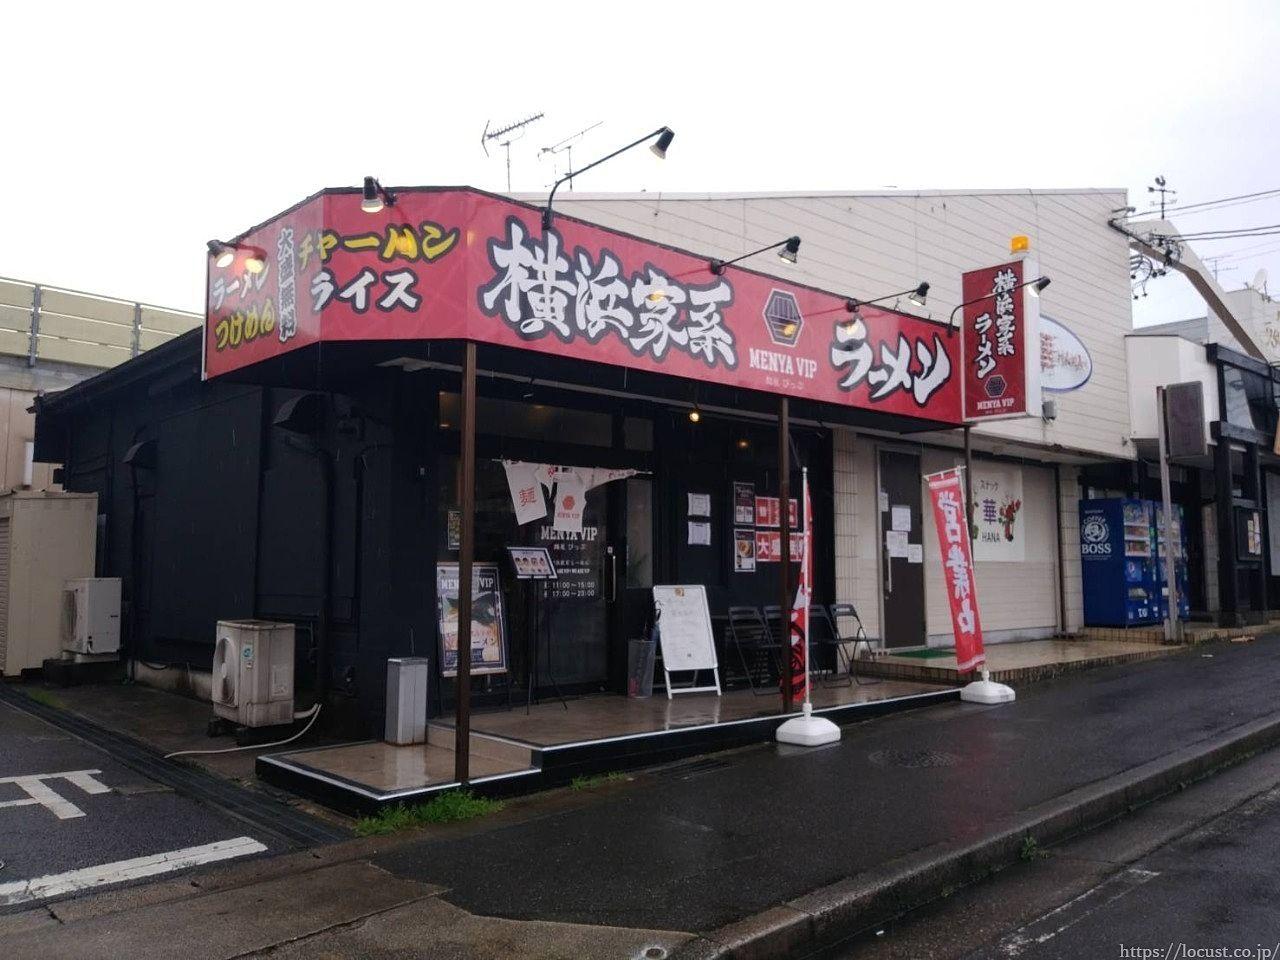 知多市にしの台 横浜家系ラーメン 麵屋びっぷ知多本店 パチンコ店の大型駐車場が利用出来て便利です!